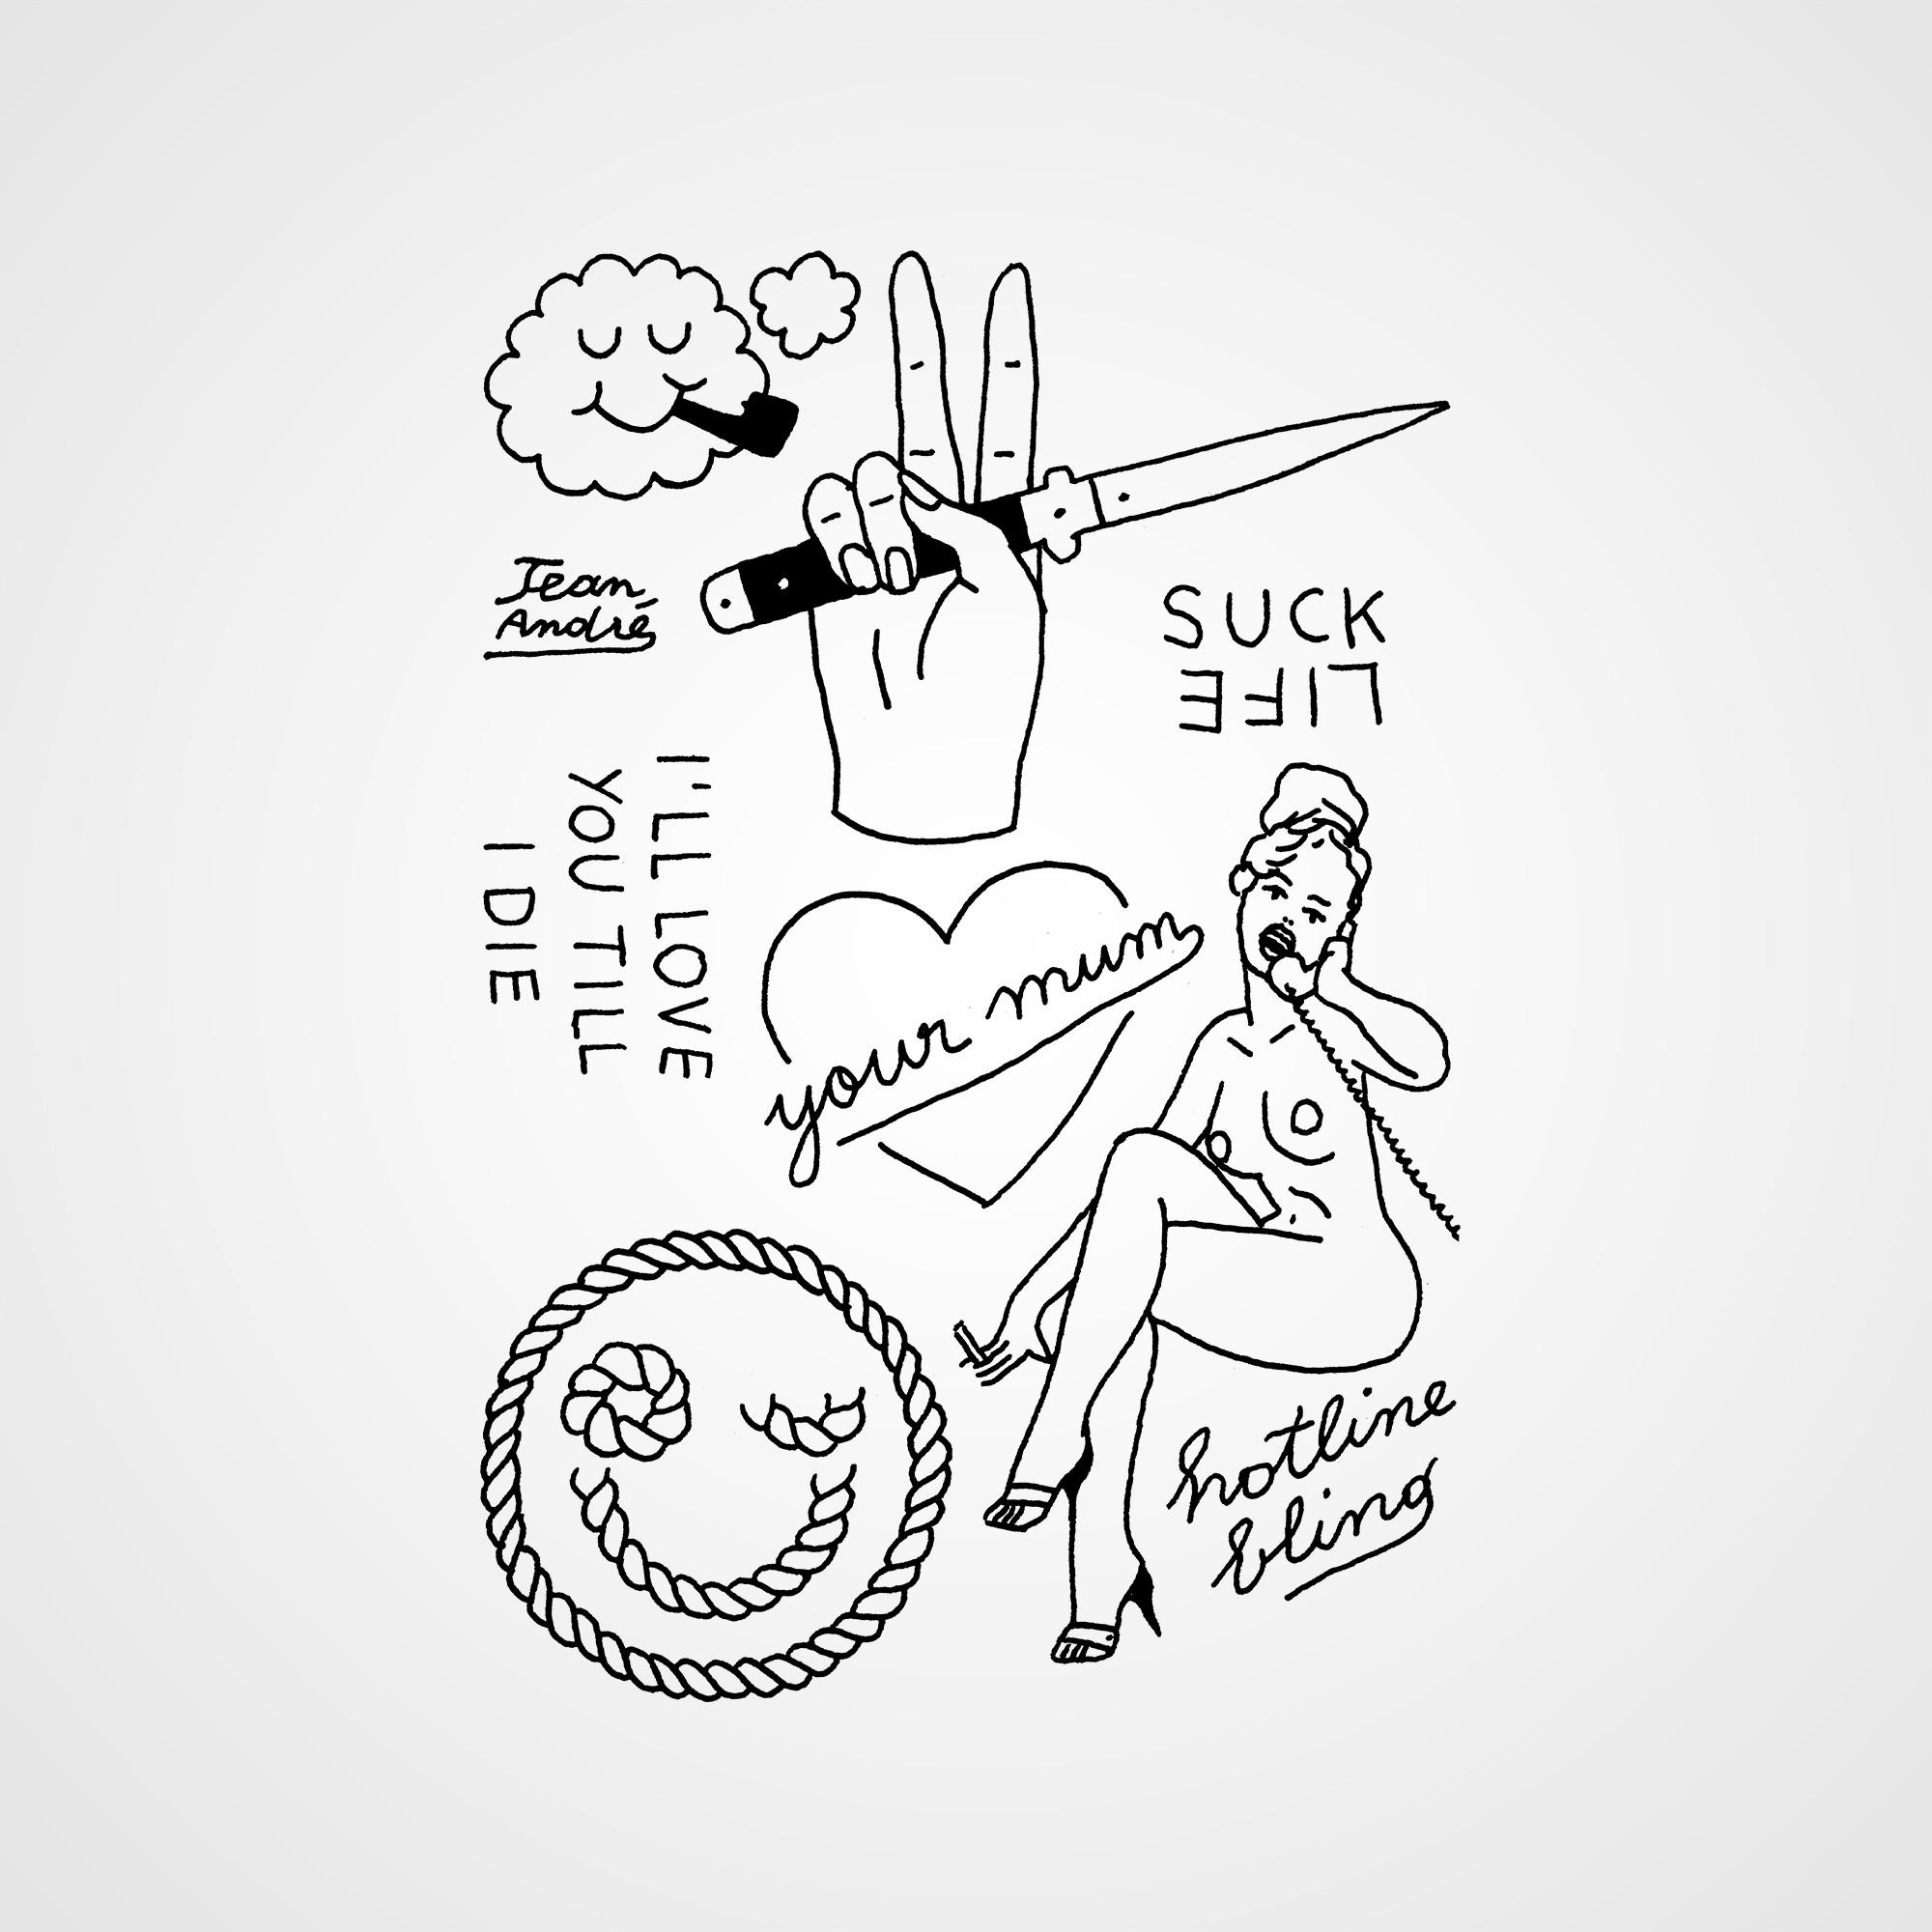 tatouage temporaire La violence et l'amour